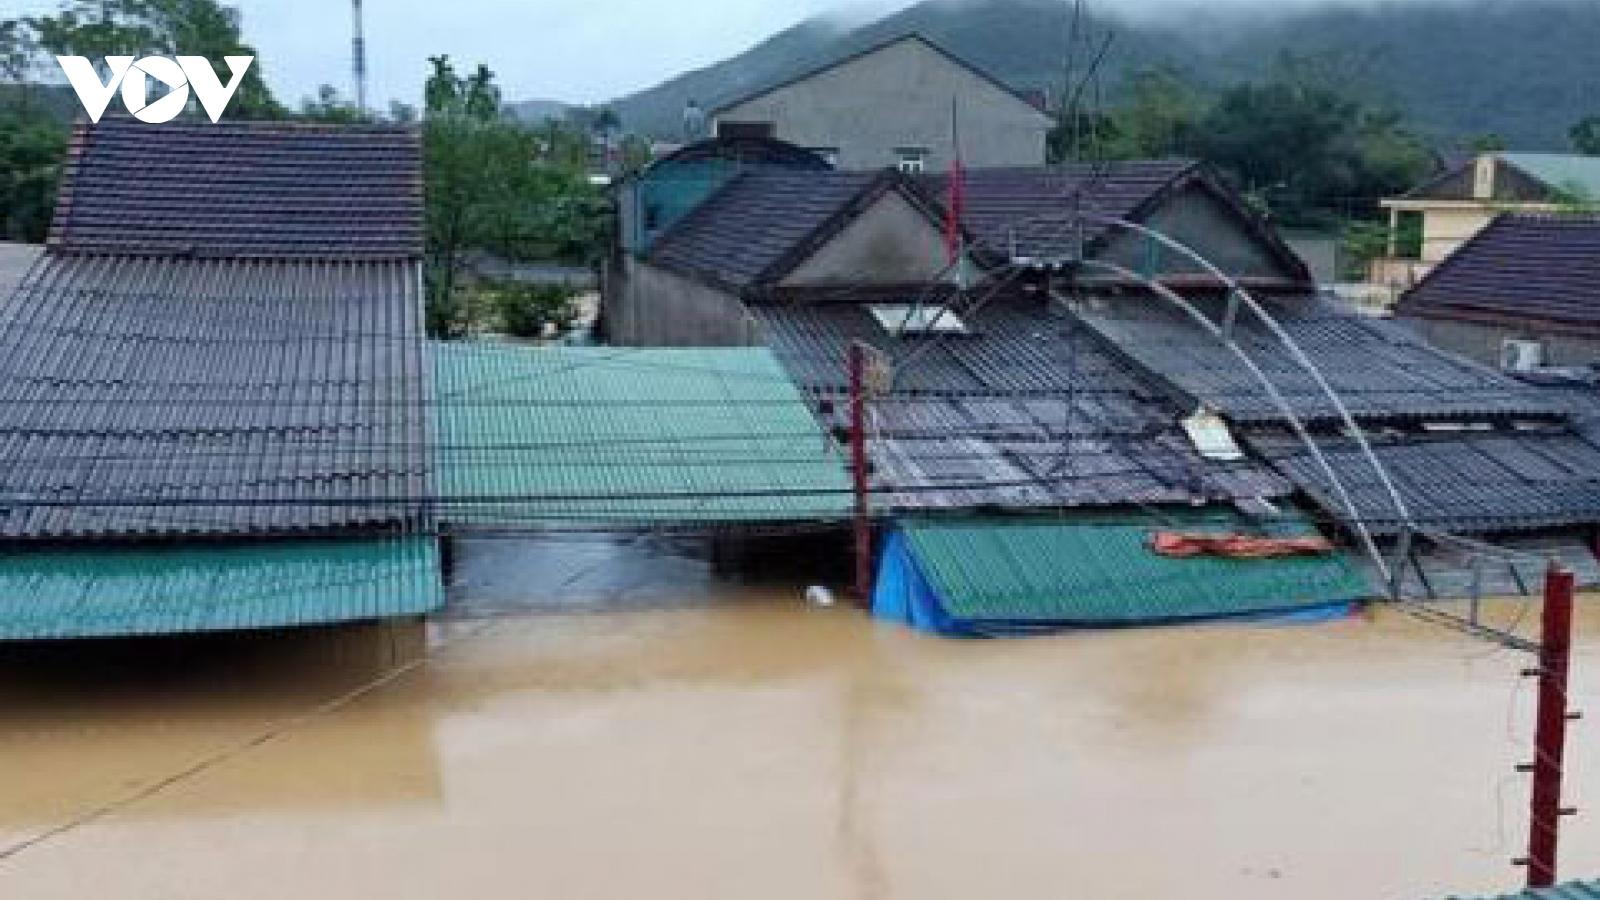 Bộ đội, công an dầm mình trong lũ cứu dân khỏi những ngôi nhà ngập sâu